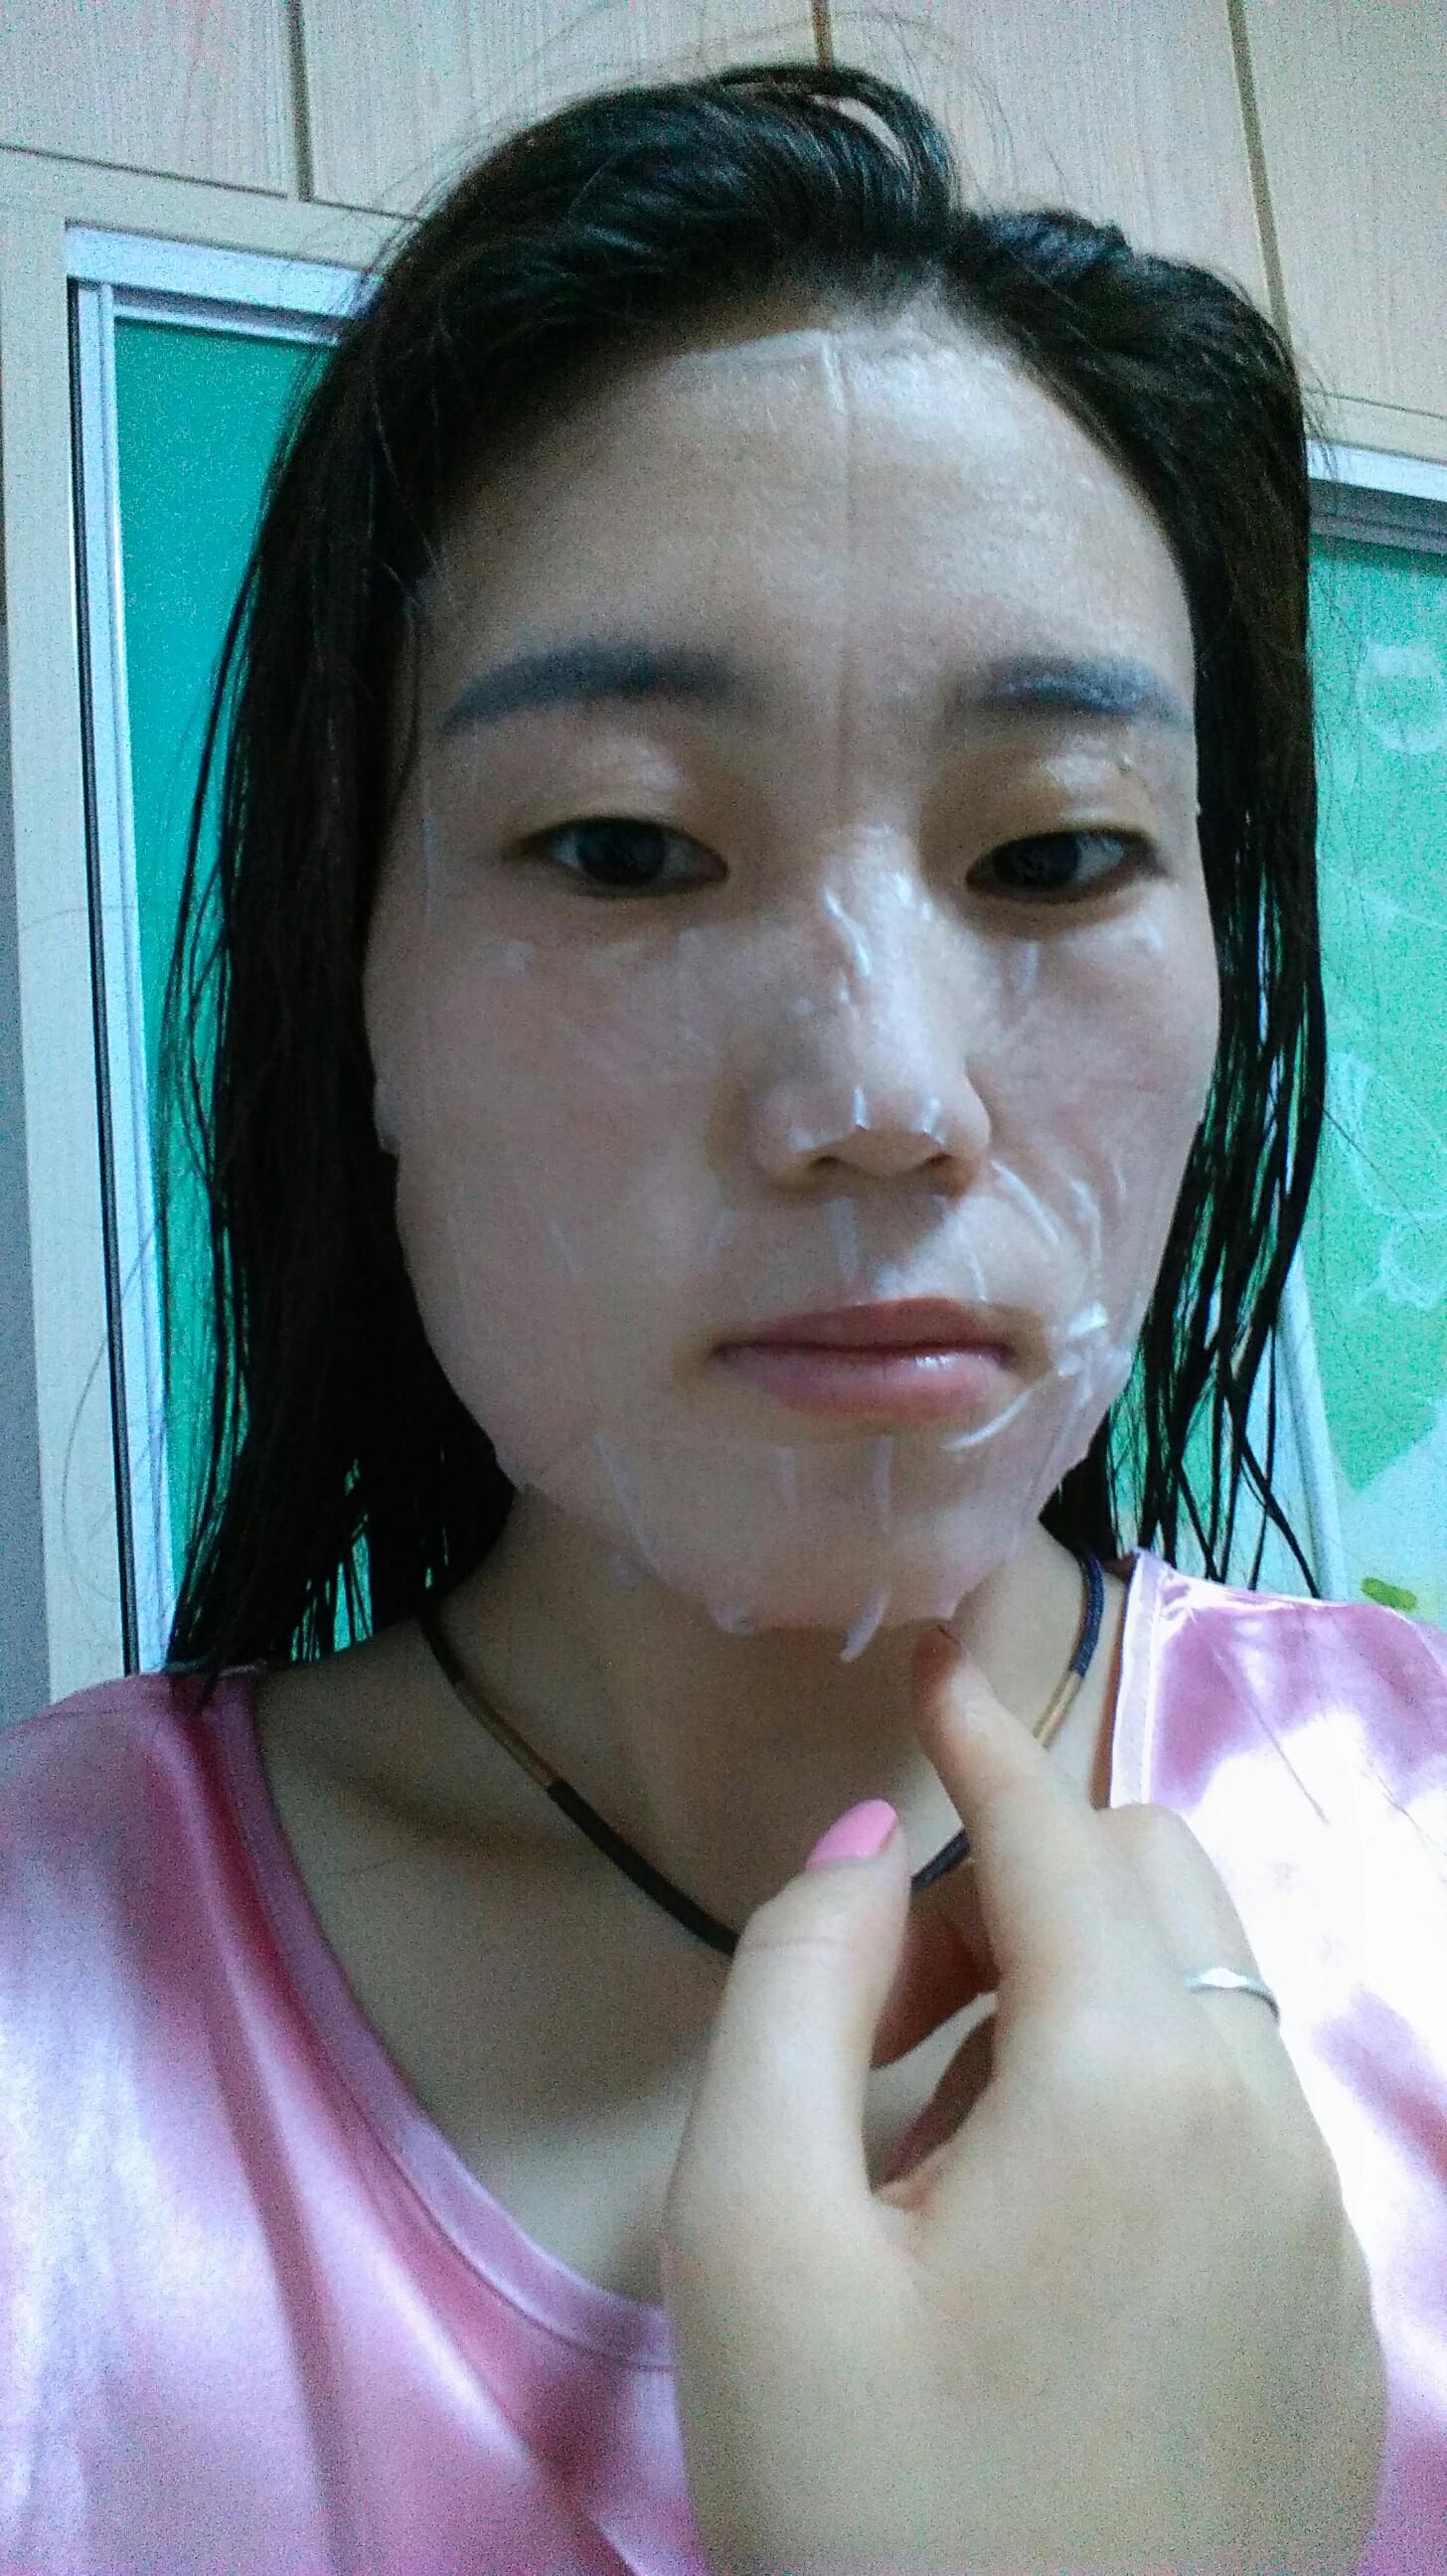 姐姐的b好多水_用过以后感觉水水的,好滑的皮肤,姐姐说她也想试试就给她贴个,好东西